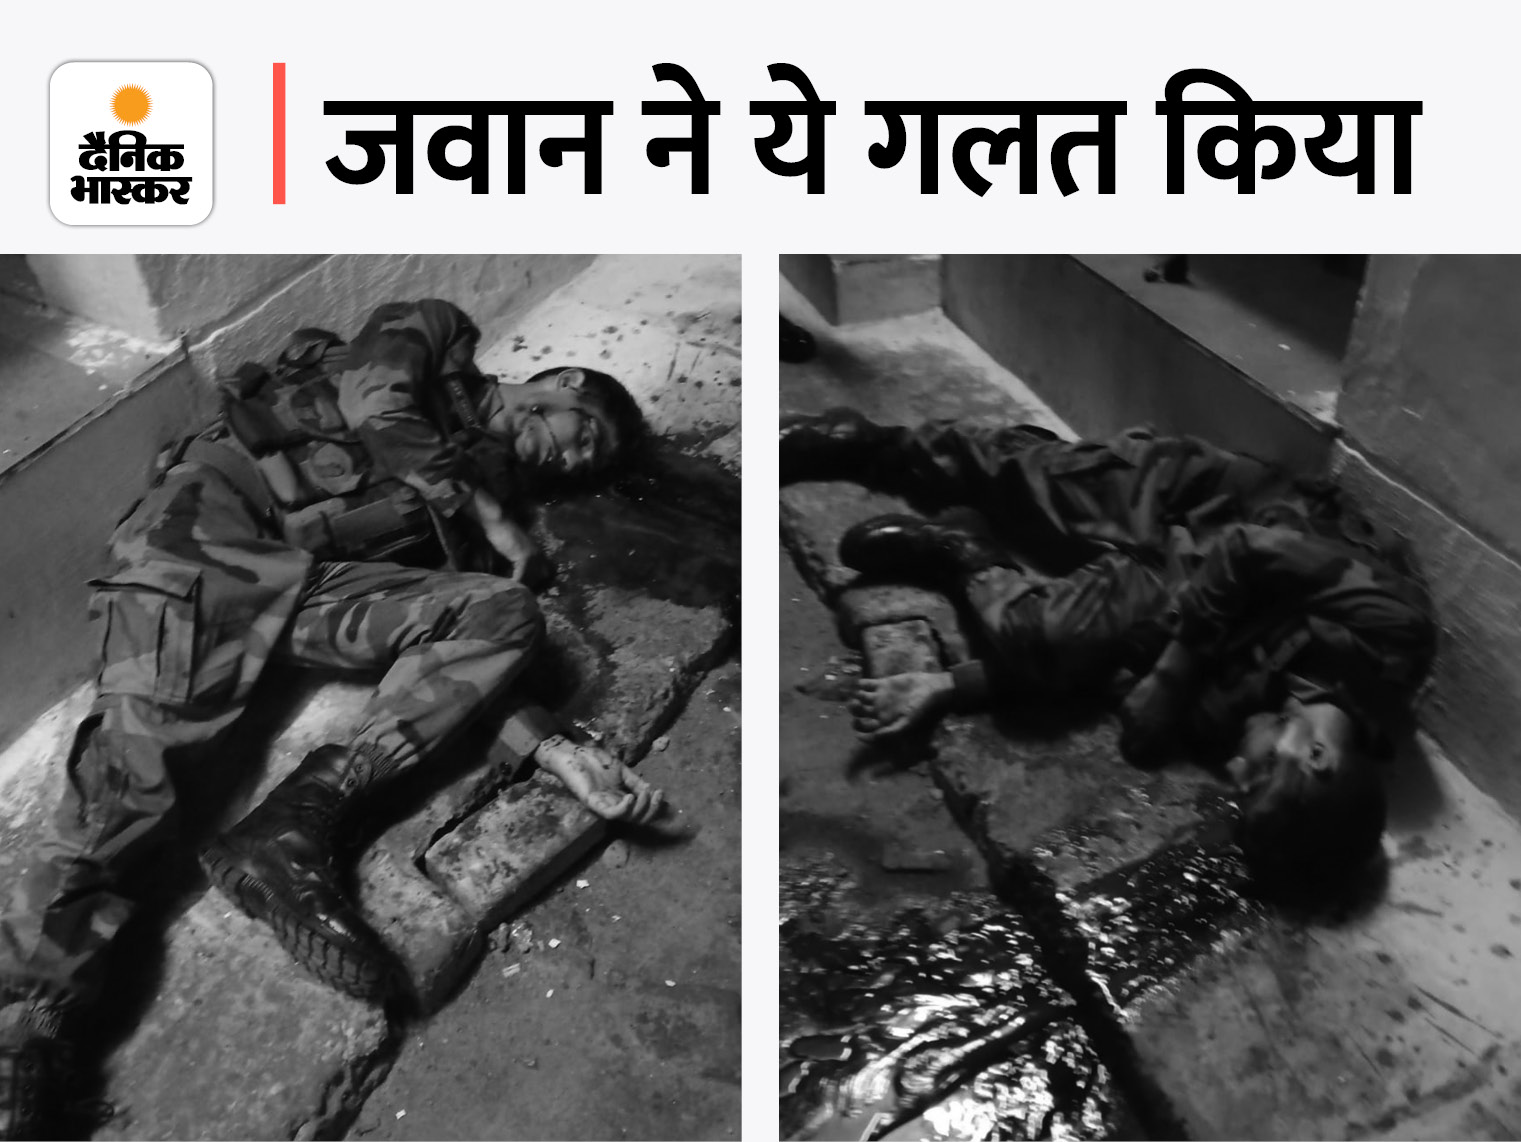 मेरठ में आर्मी ब्रिगेडियर इंफेंट्री में ड्यूटी पर था उत्तराखंड का जवान, सुसाइड की वजह तलाश रही पुलिस, अफसरों ने साधी चुप्पी मेरठ,Meerut - Dainik Bhaskar